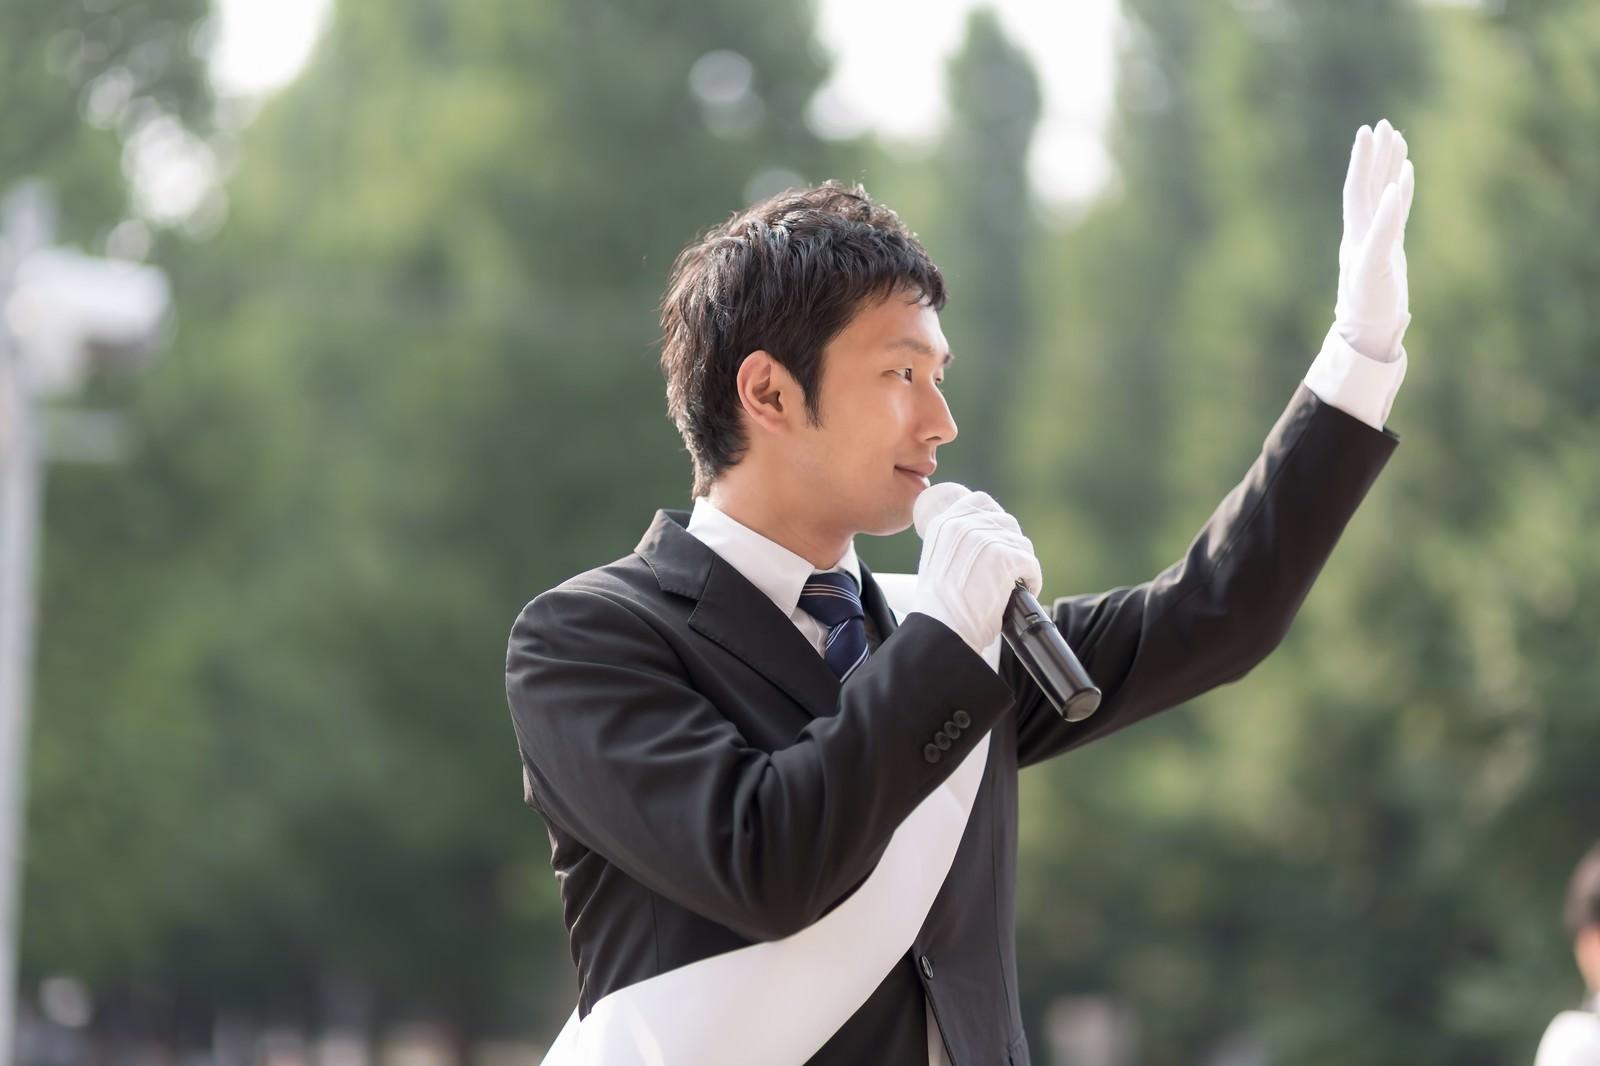 「日本の政治を変える為に脱サラして立候補した無所属の男性」[モデル:大川竜弥]